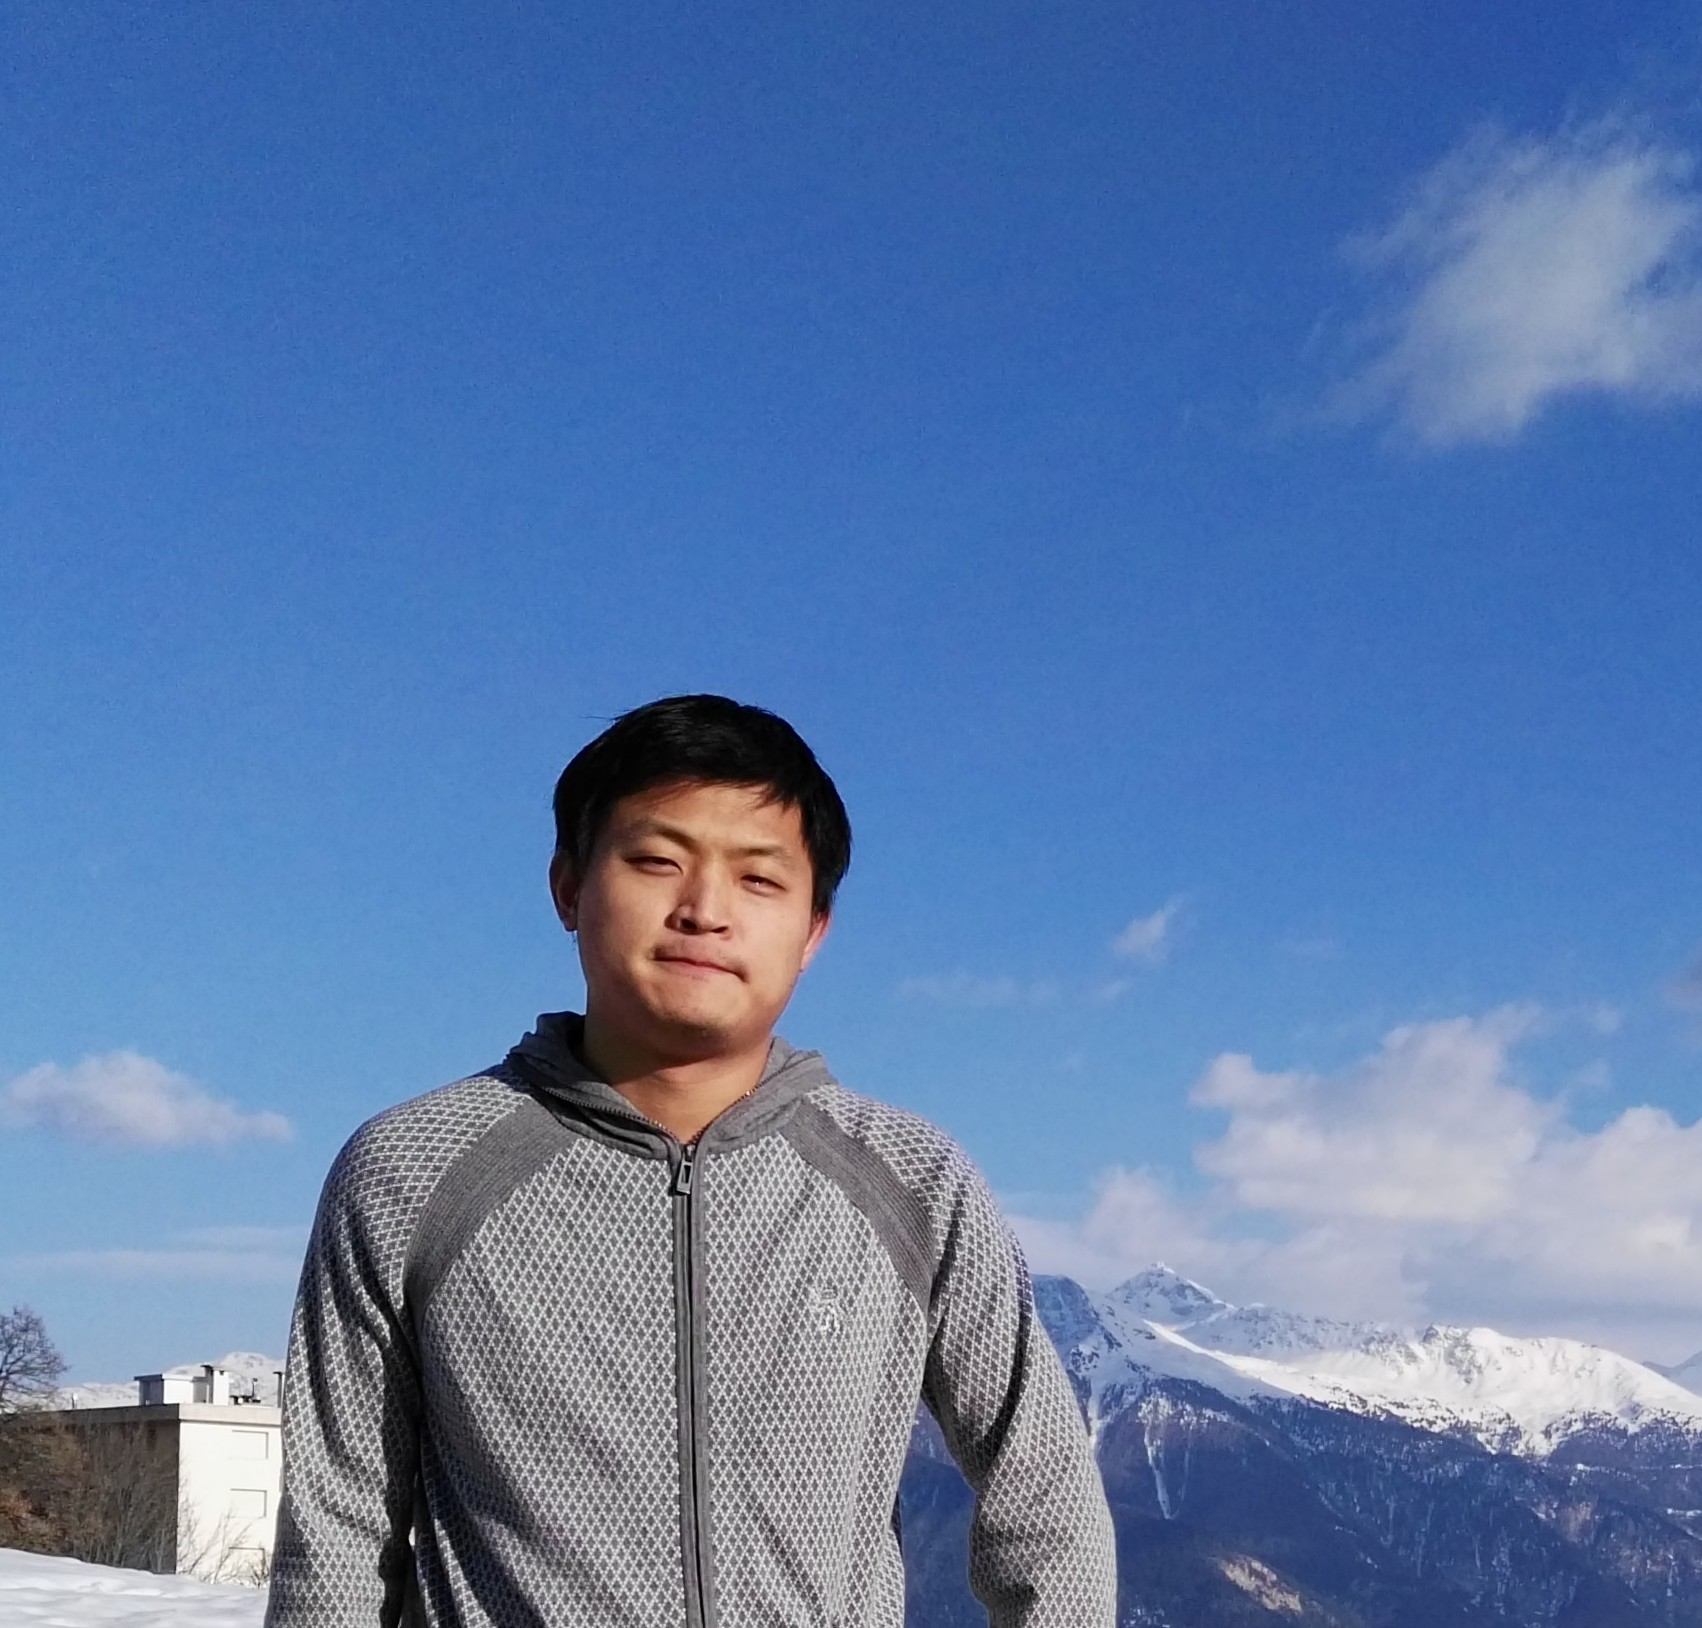 Huan Zhou